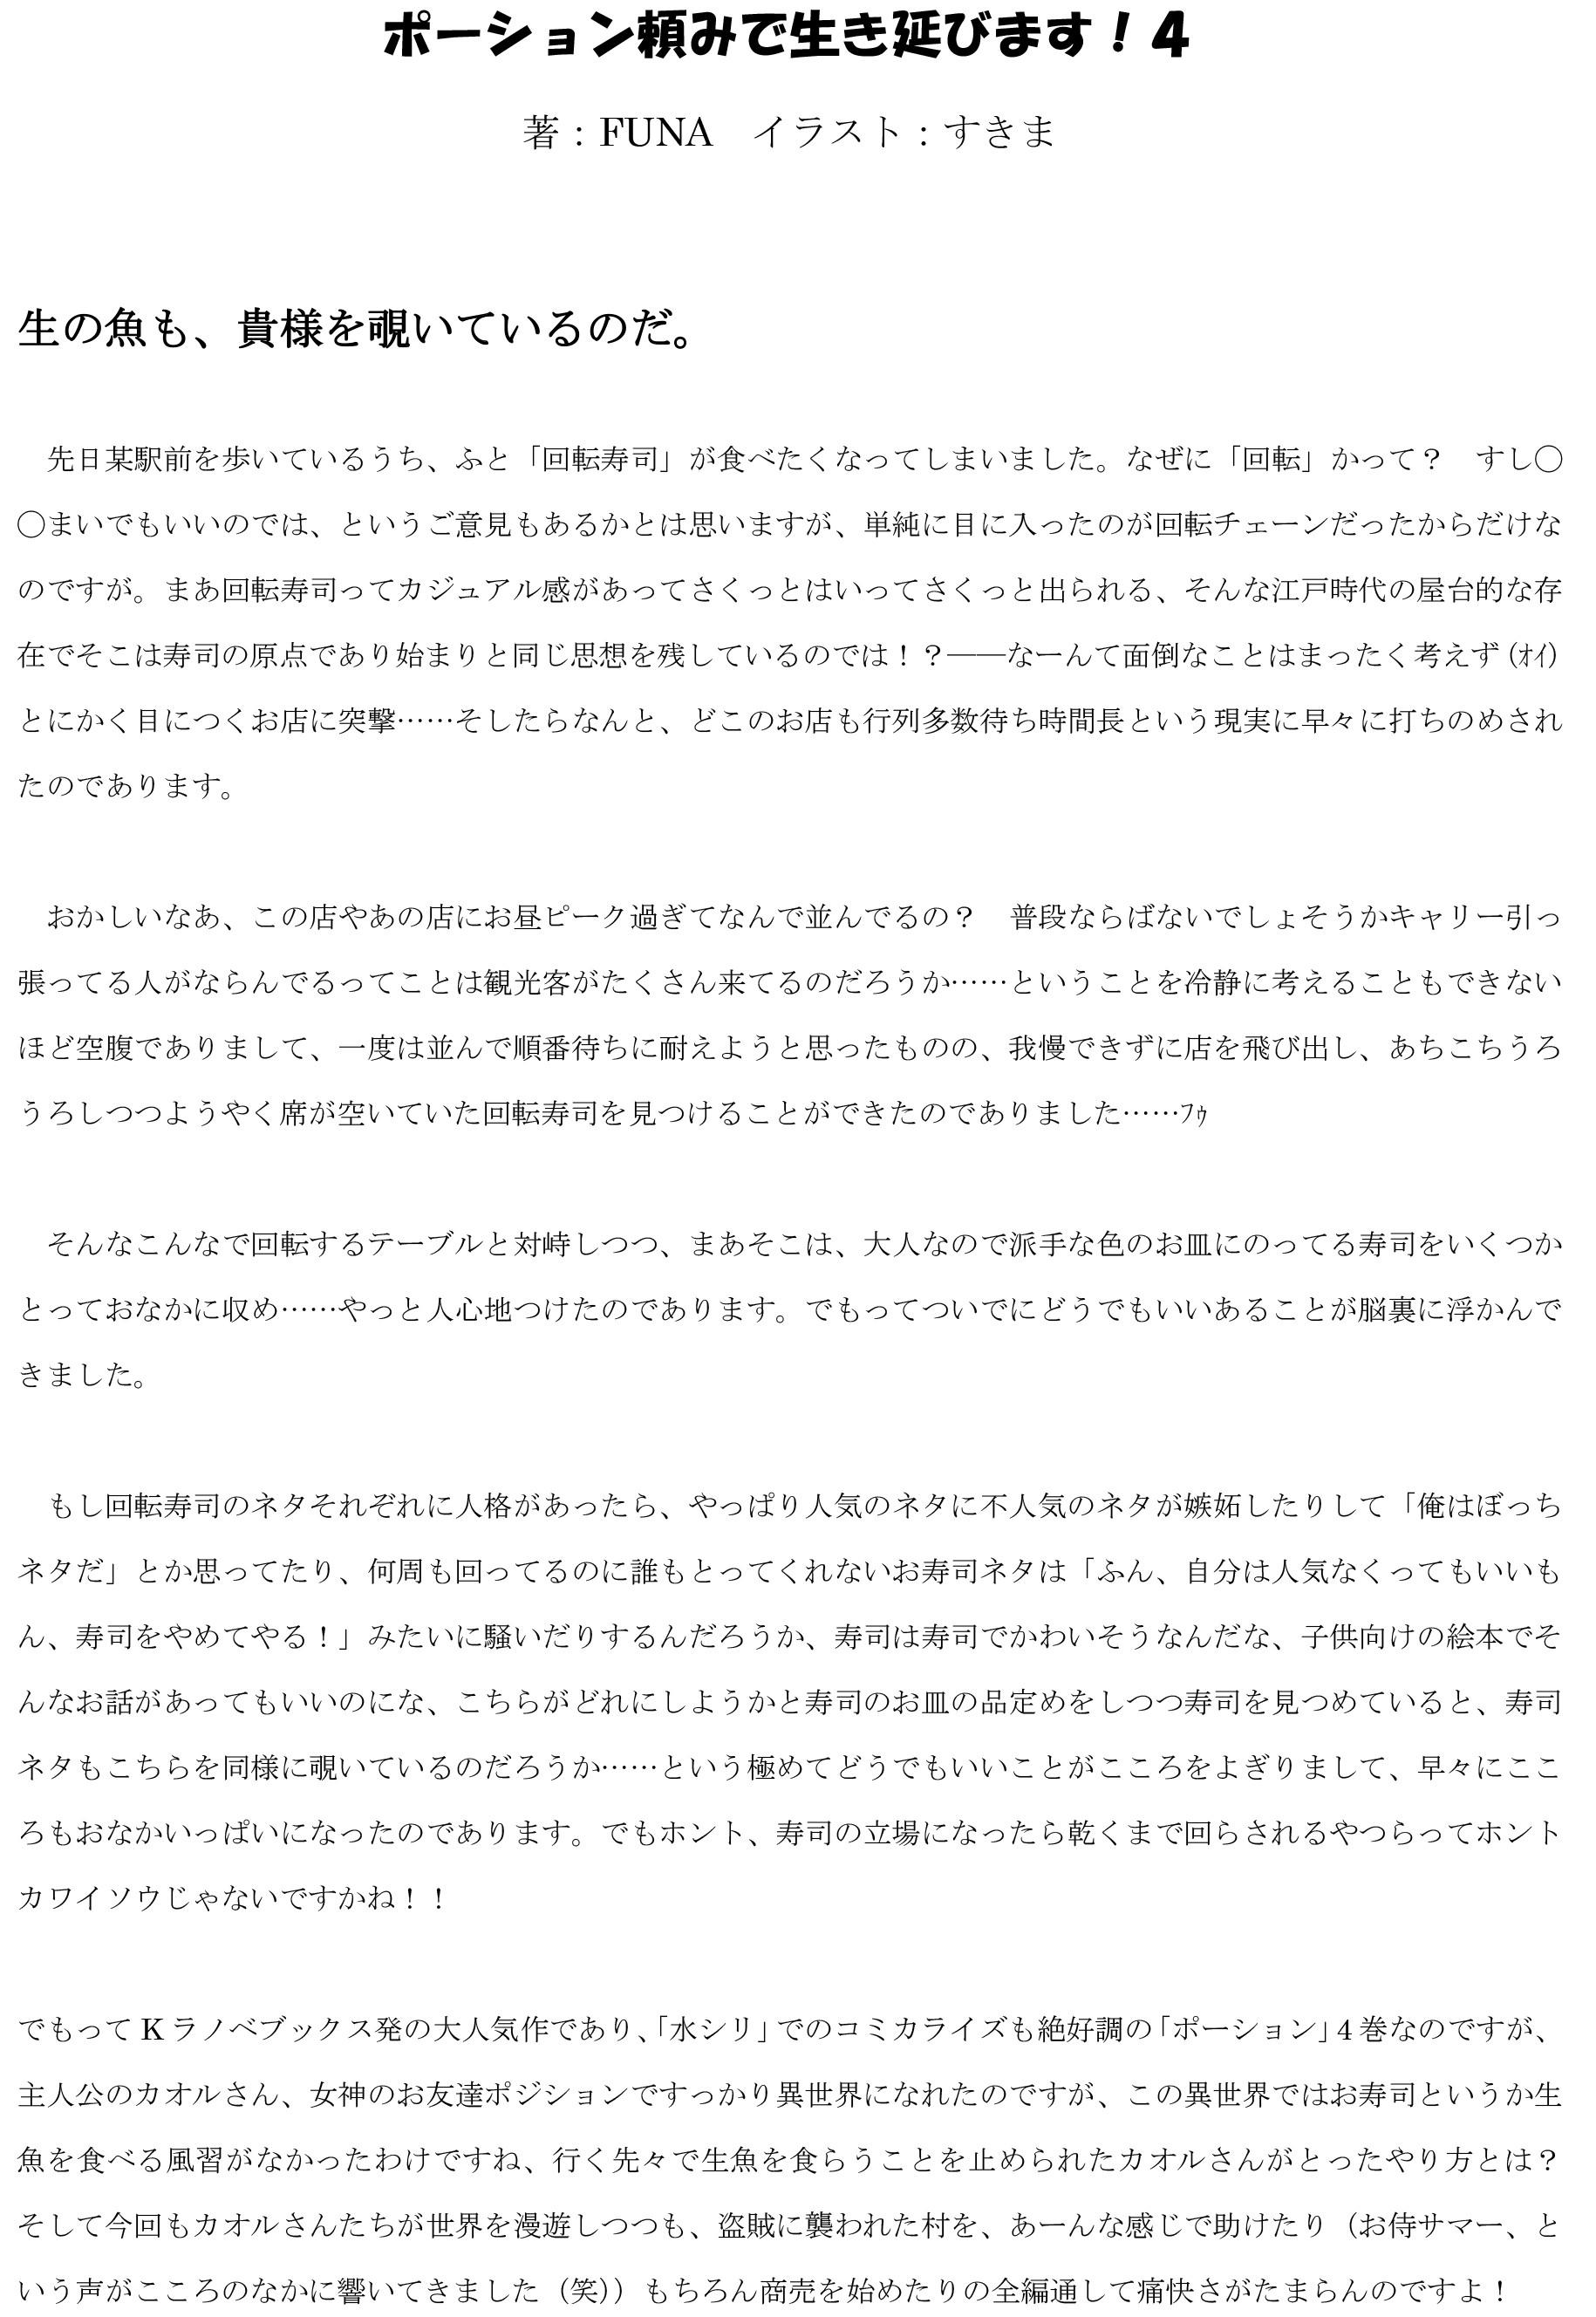 【ポーション4】_1